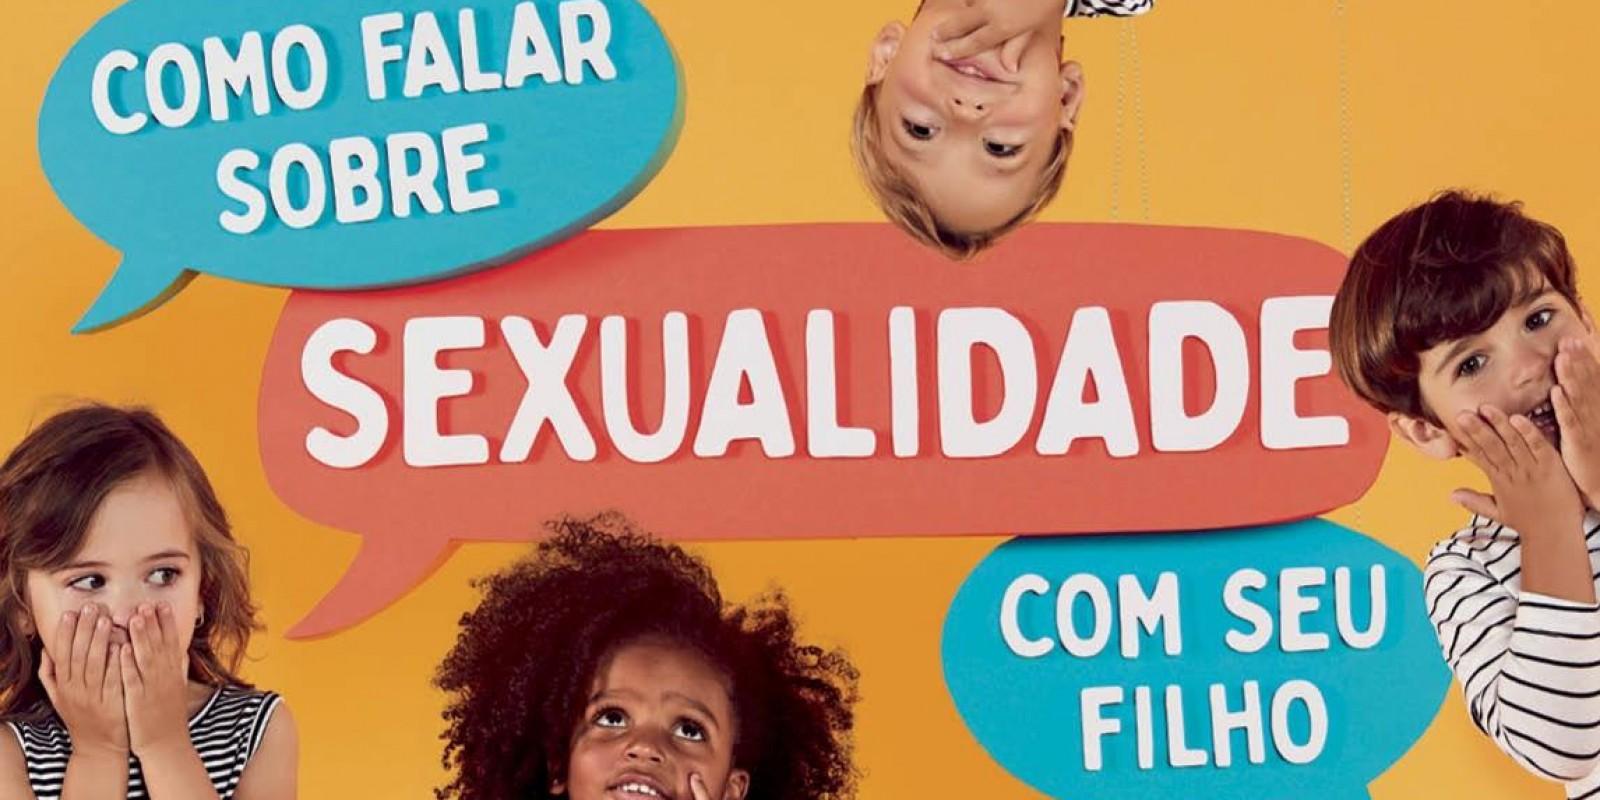 Educação sexual na infância